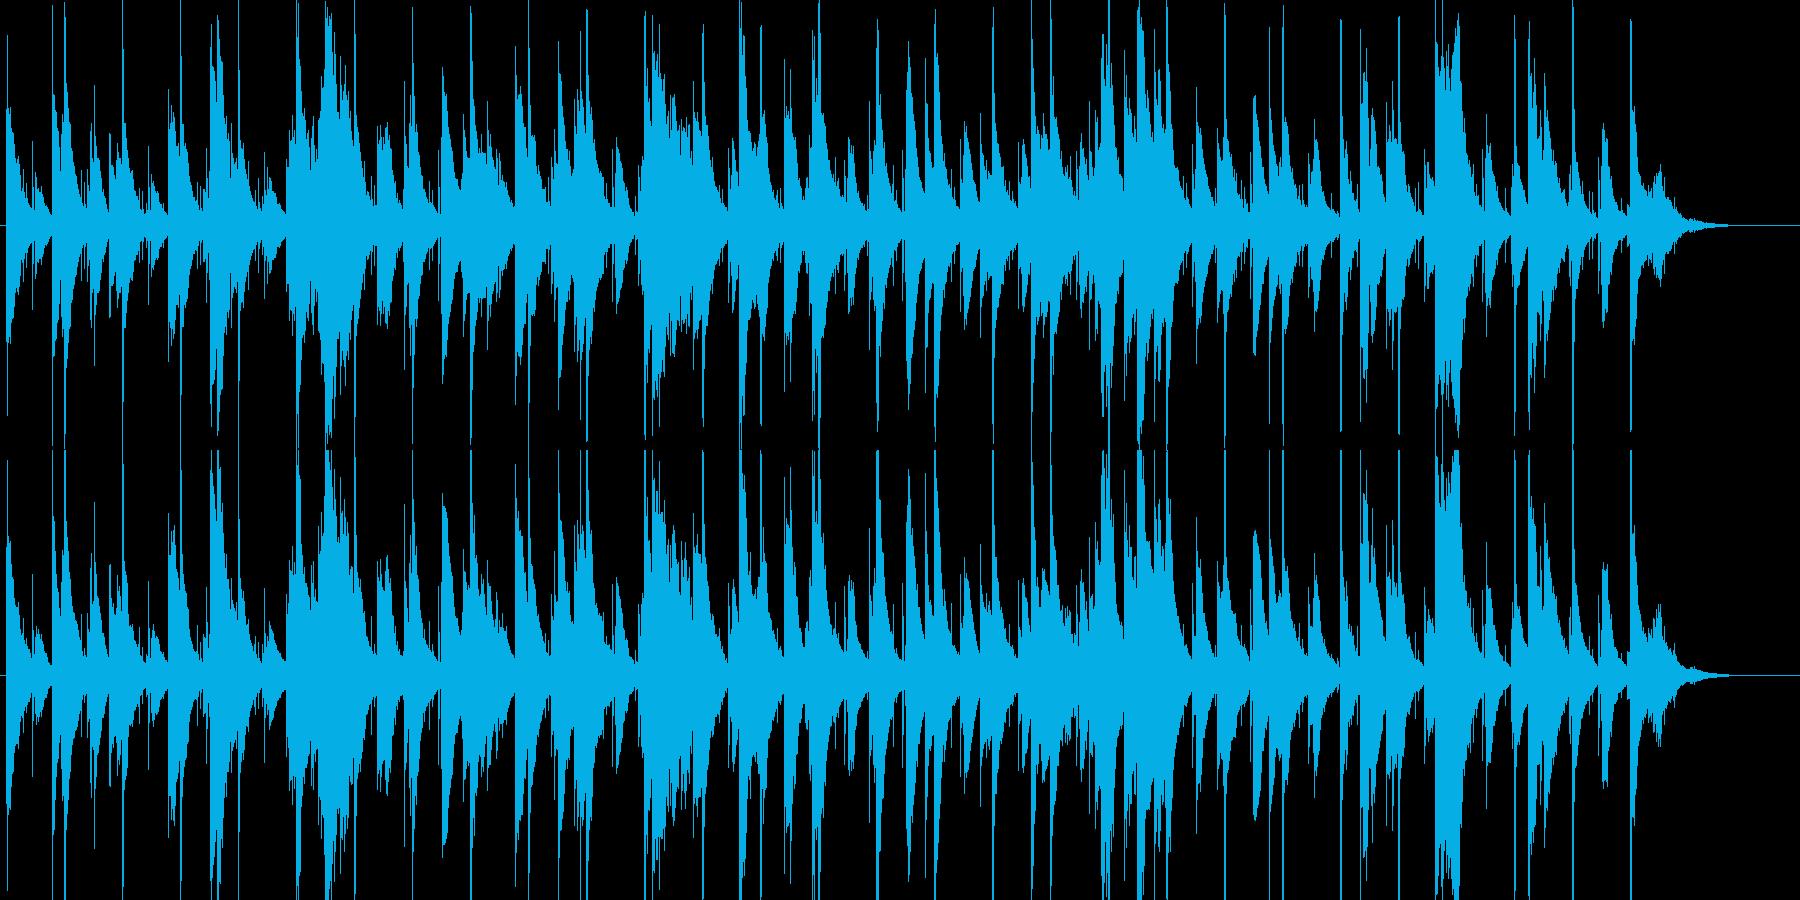 ゆったり アダルト ティータイム セレブの再生済みの波形